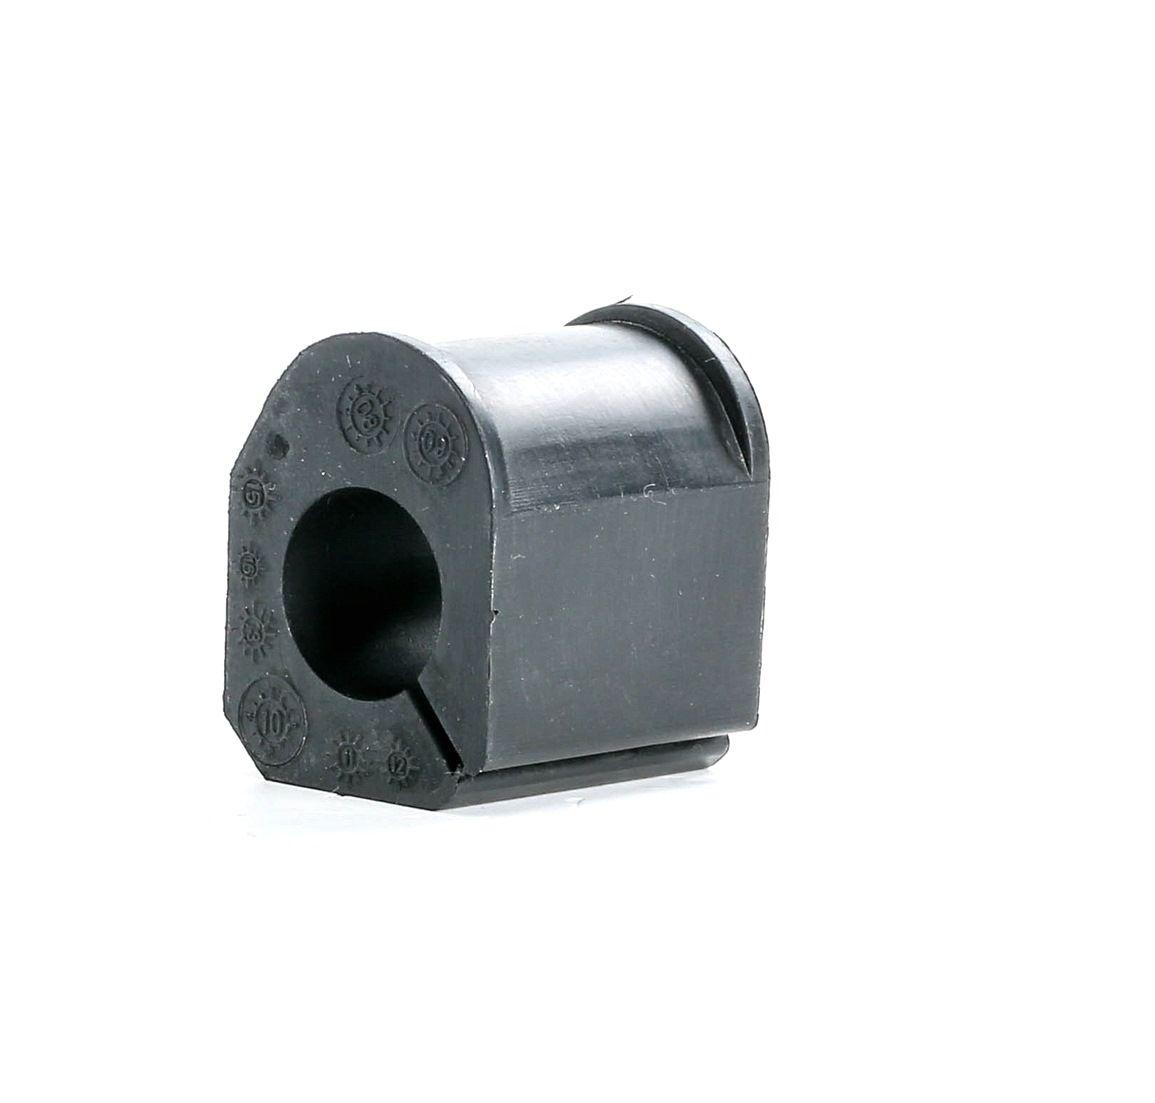 Image of VAICO Stabilizer Bushes NISSAN,RENAULT V46-0216 7700436014,7700785788